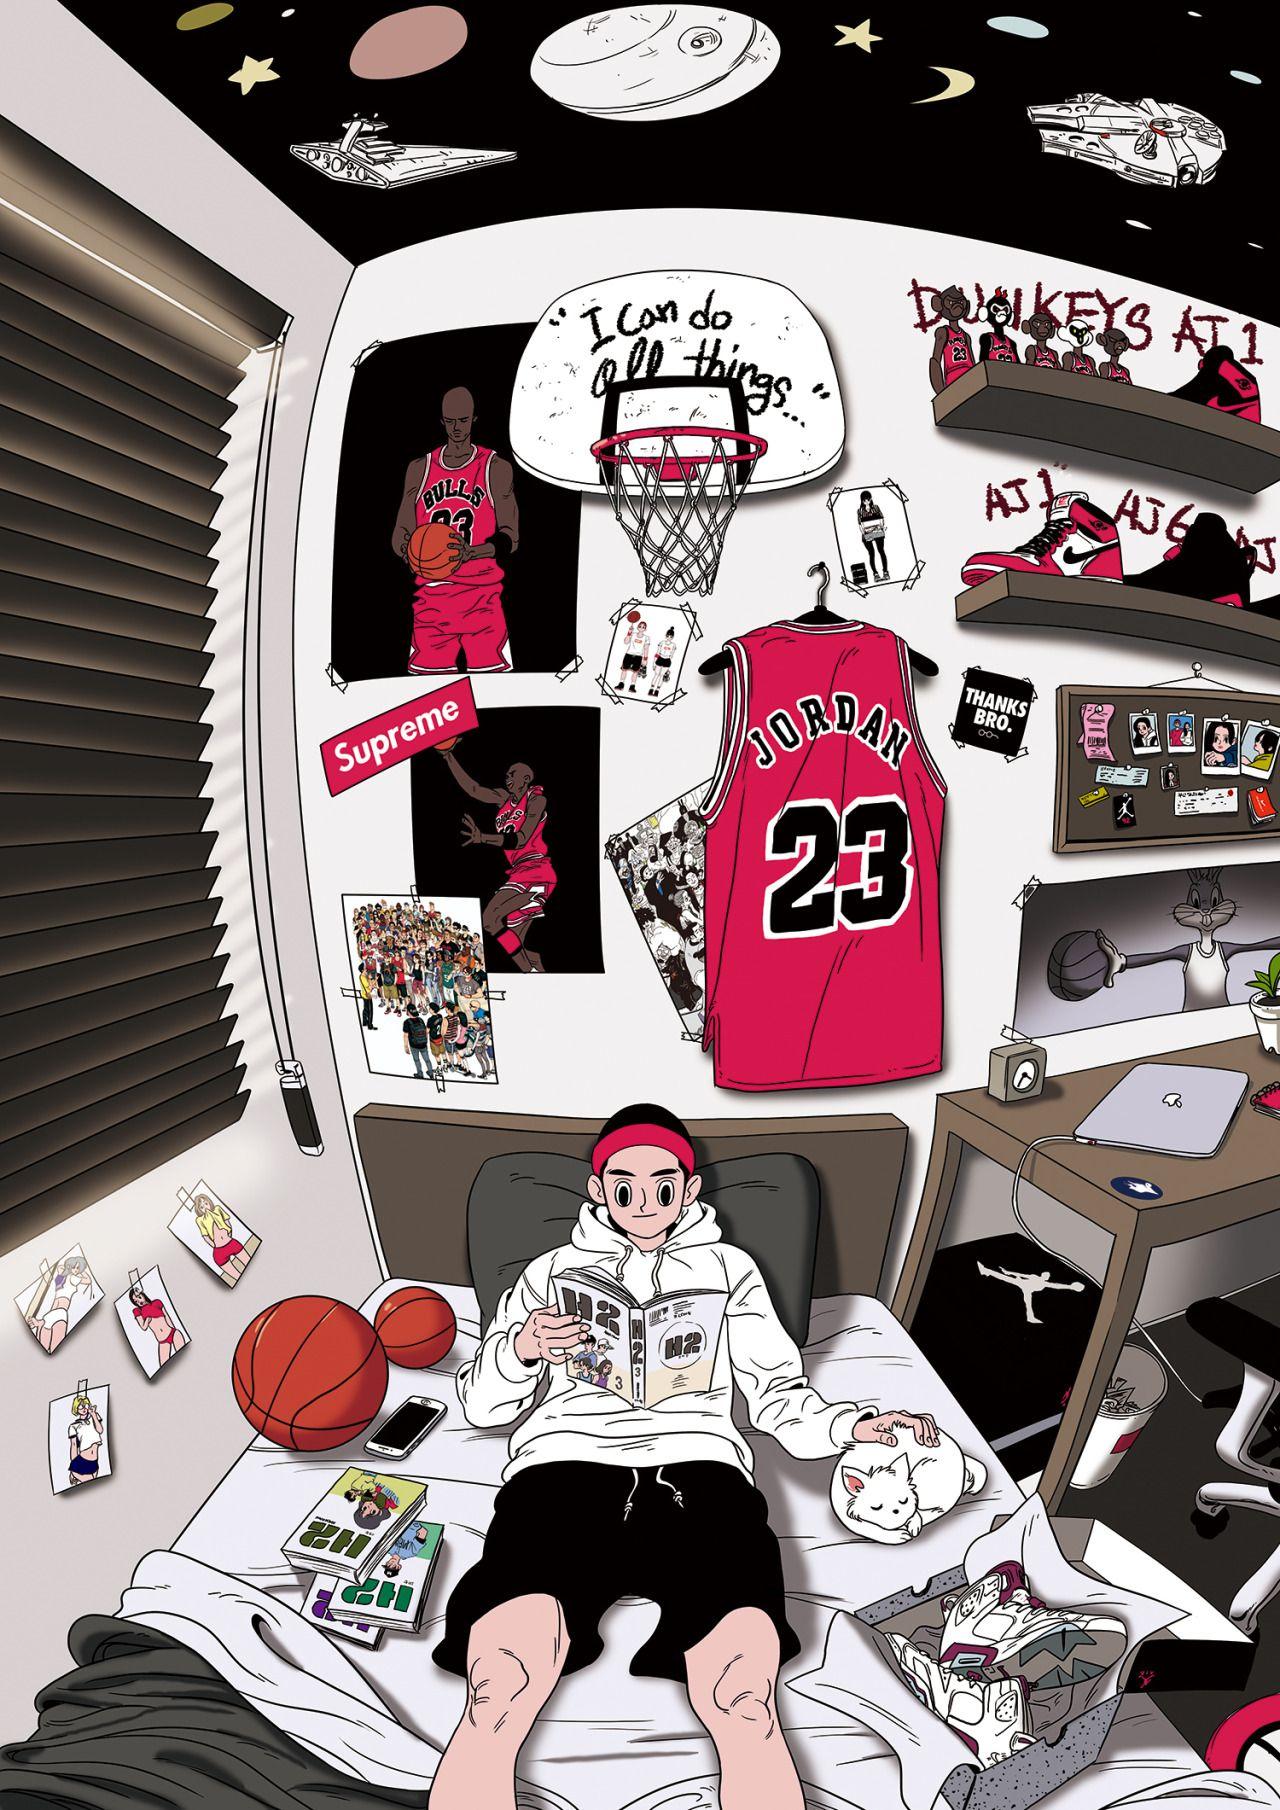 Good Wallpaper Cartoon Jordan - 5df5d0f7684ba1ada62c969ccb3cbe31  You Should Have_598365   .jpg